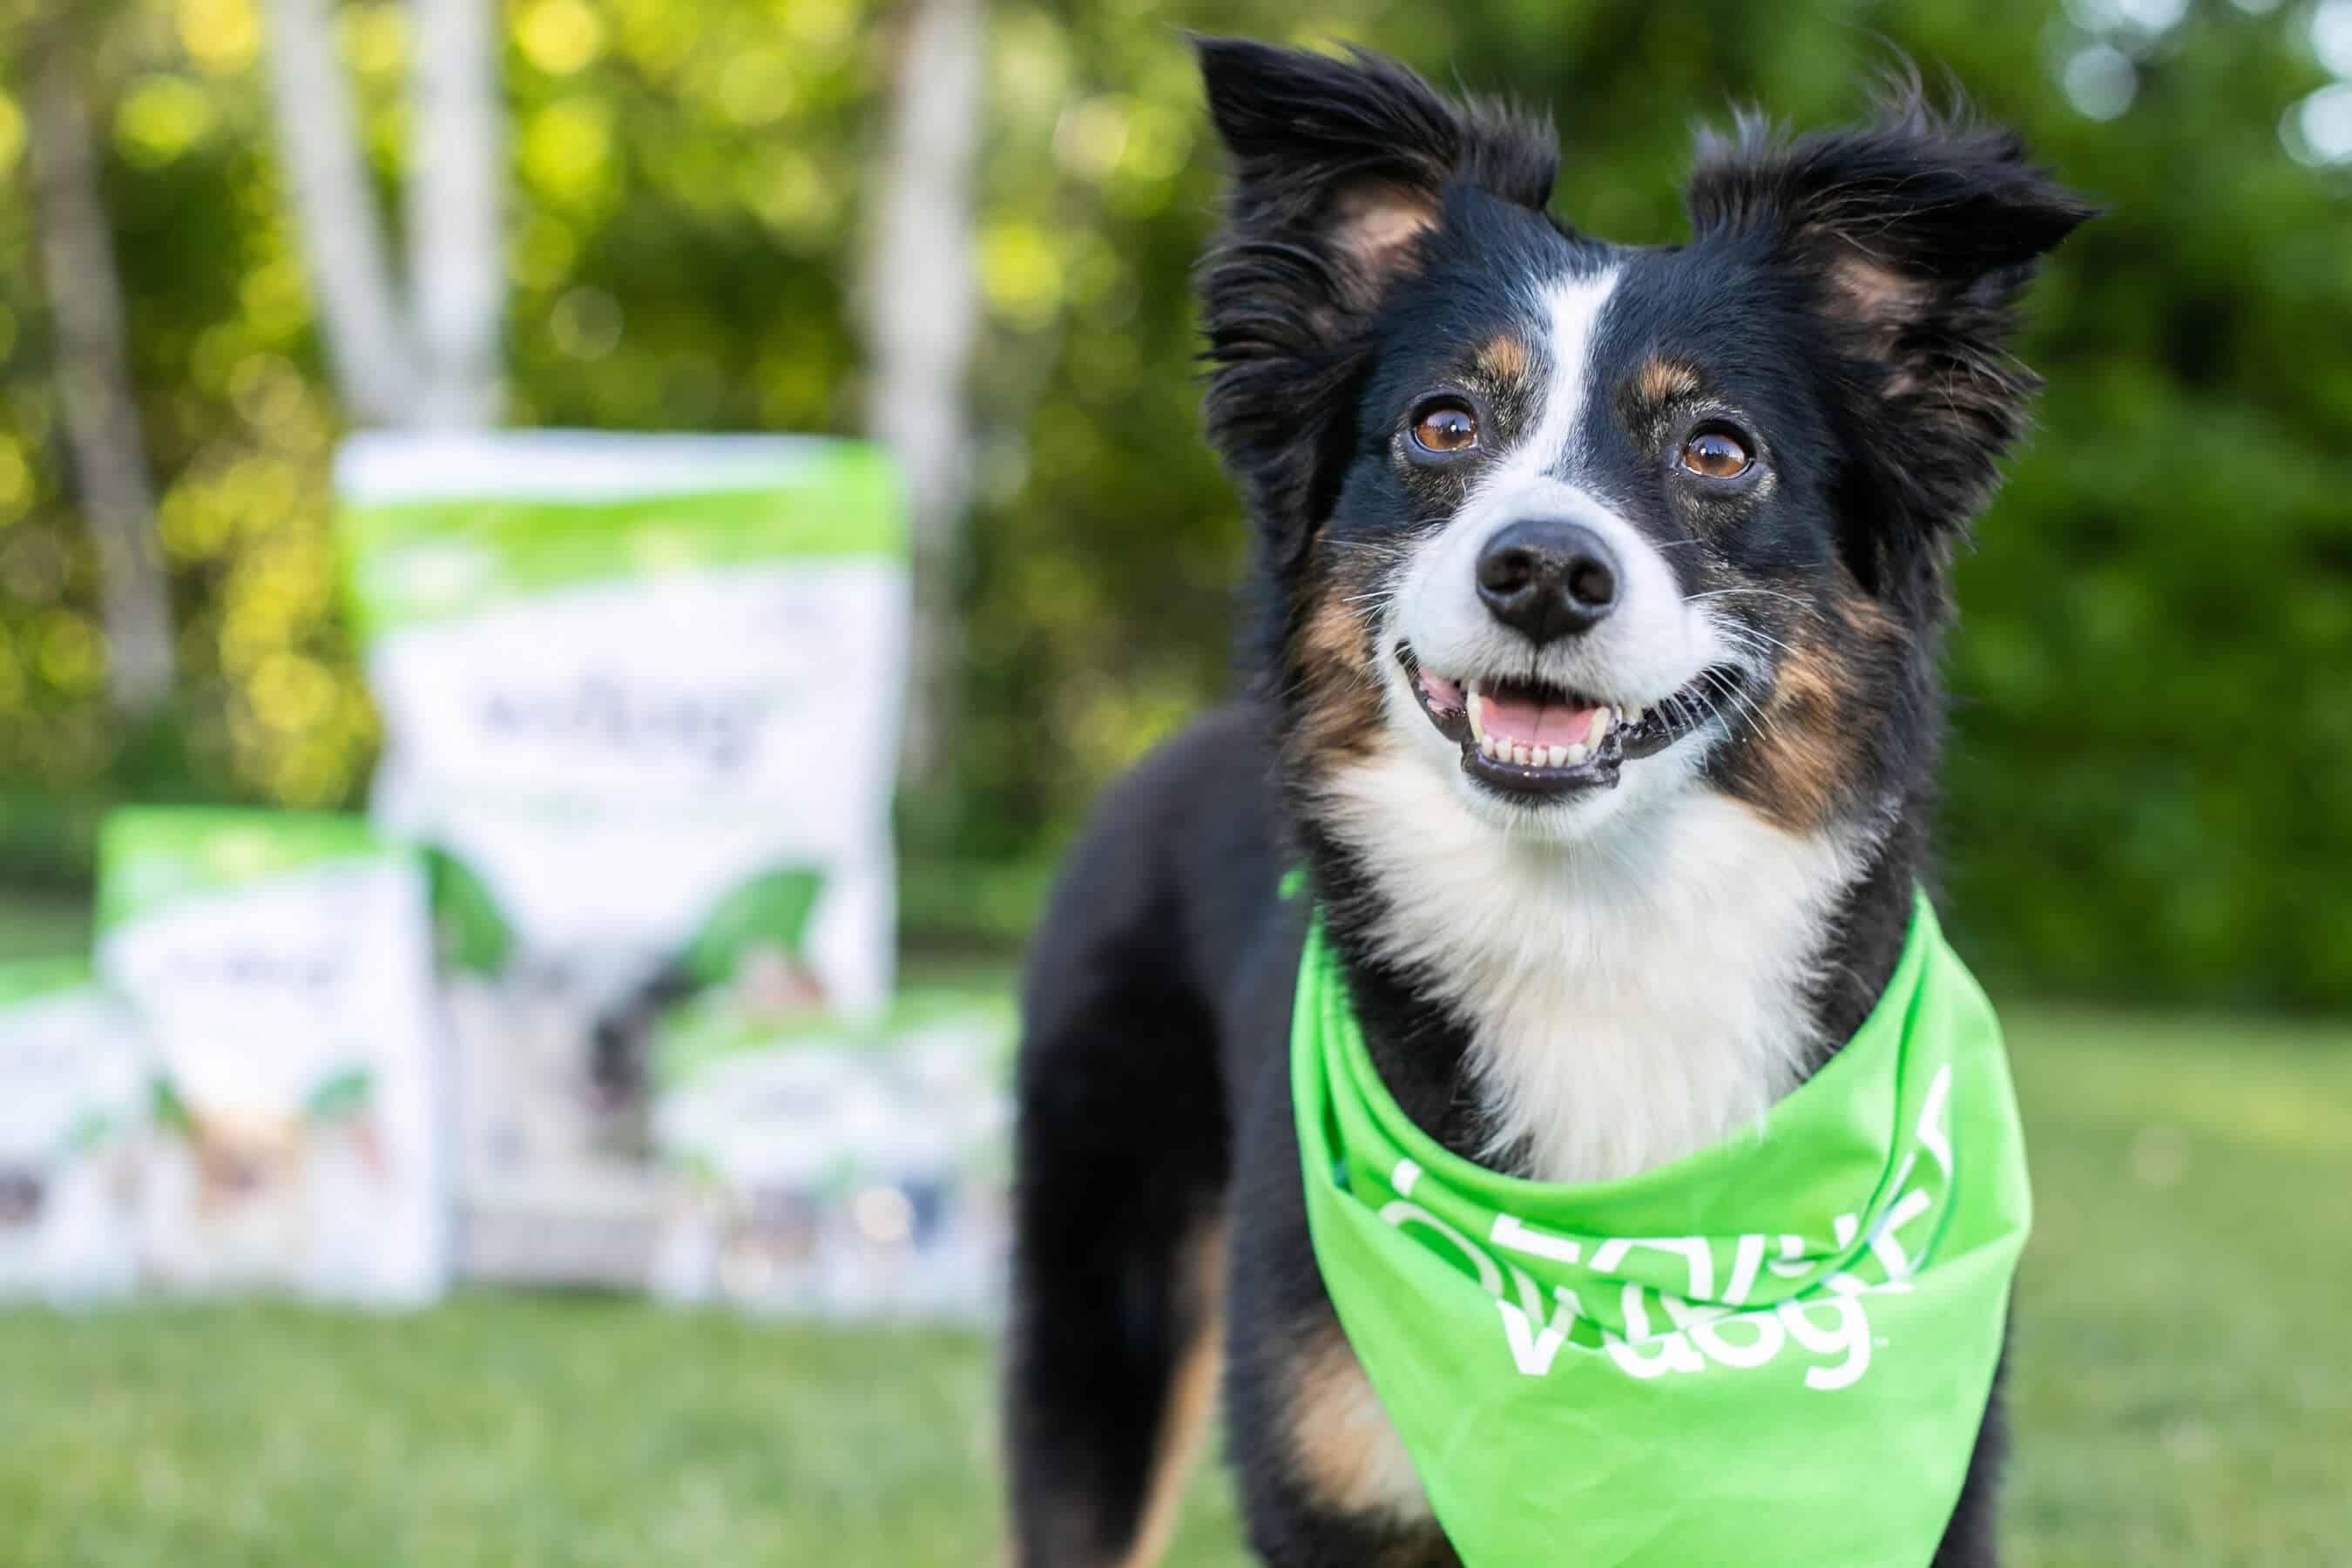 v-dog collie smiles